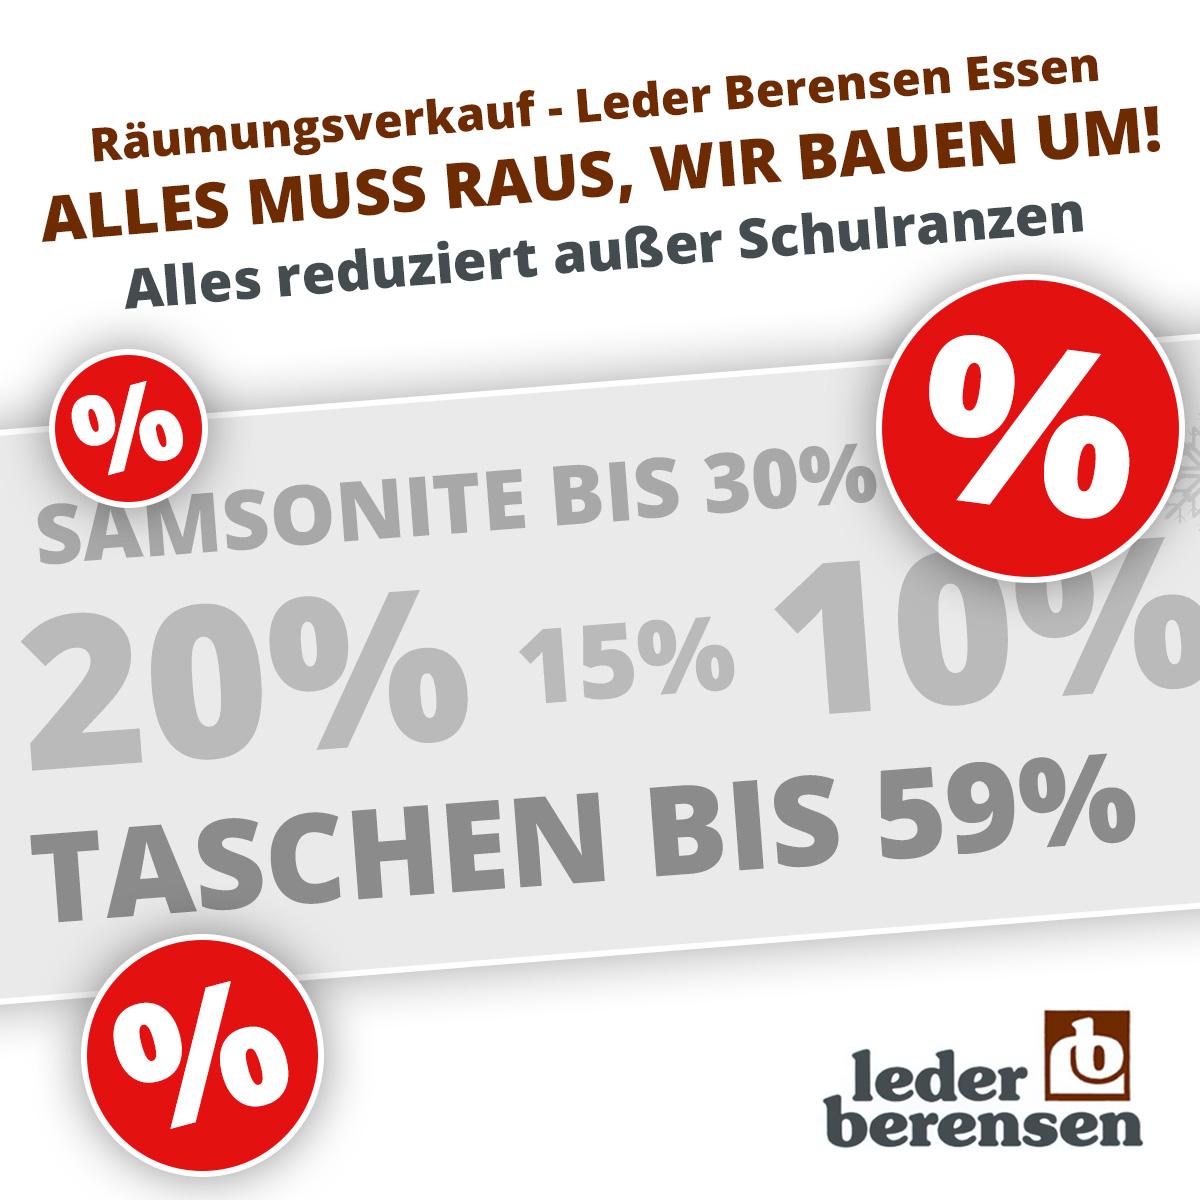 [Leder Berensen Essen] Lager-Räumungsverkauf: Samsonite bis 30% | Taschen bis 59% usw.